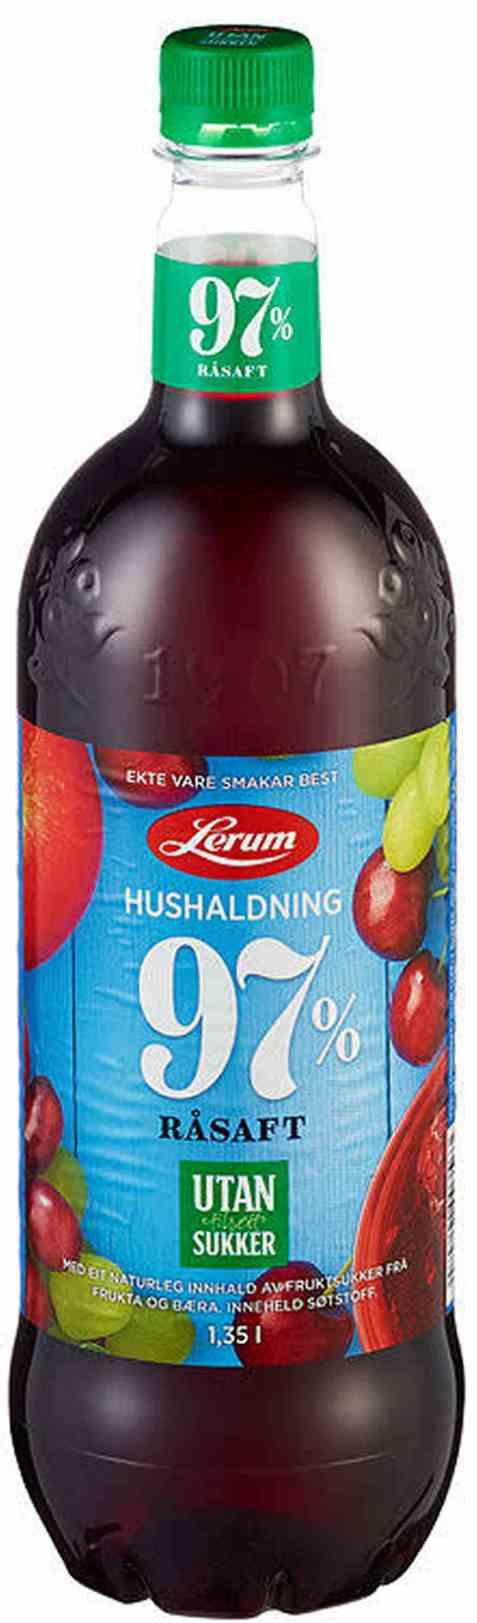 Bilde av Lerum Husholdningssaft utan tilsett sukker 1,35 l.